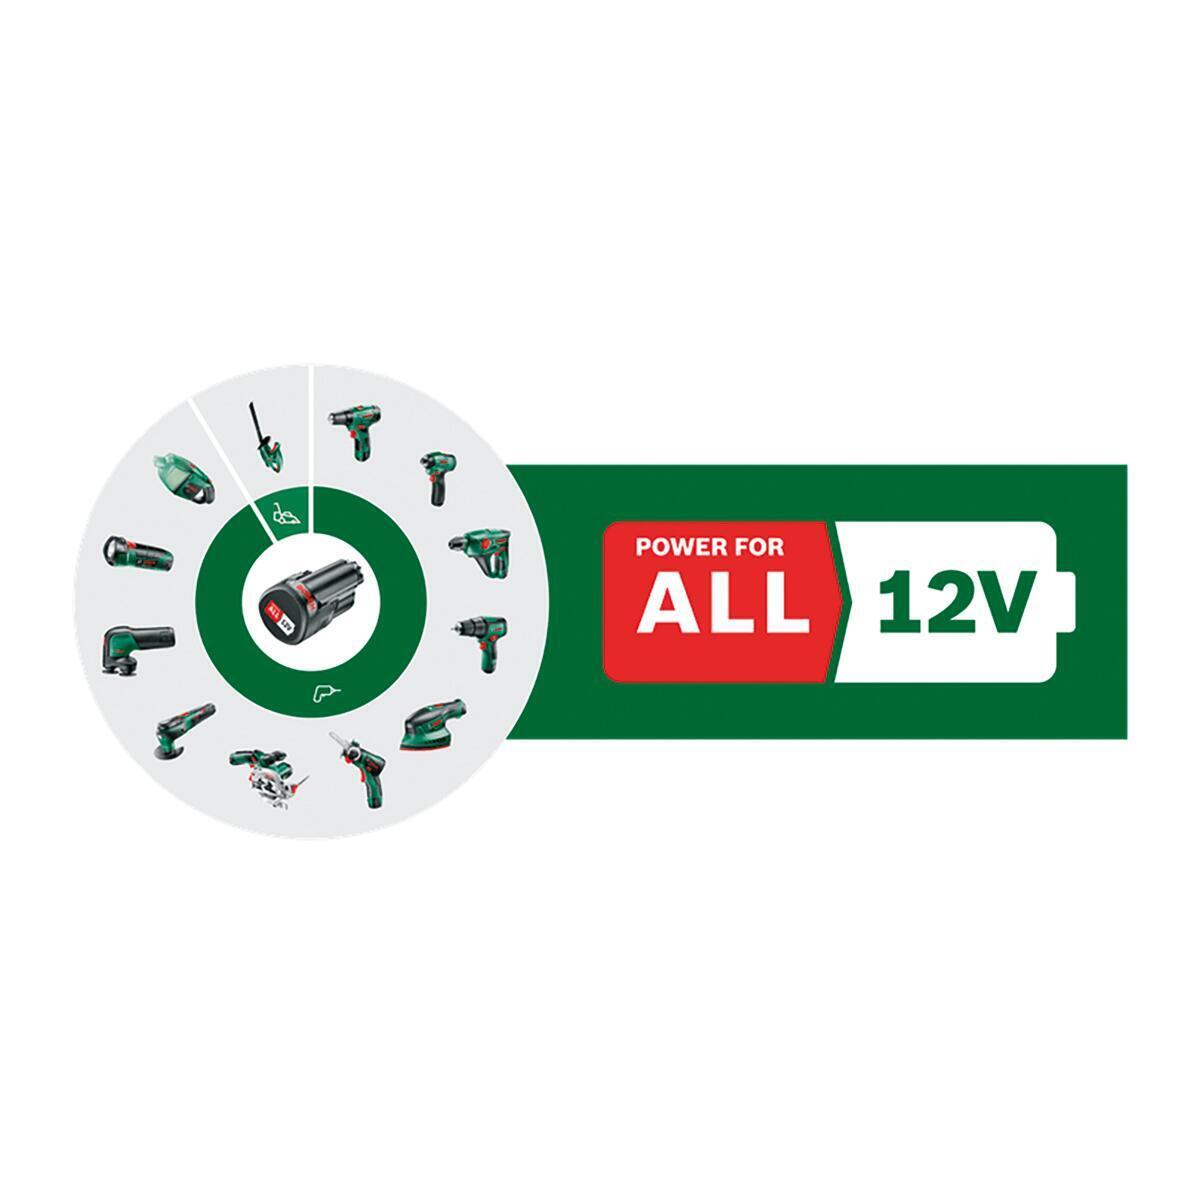 Trapano avvitatore a batteria BOSCH EasyDrill 1200 12 V, 1.5 Ah, 1 batteria - 2